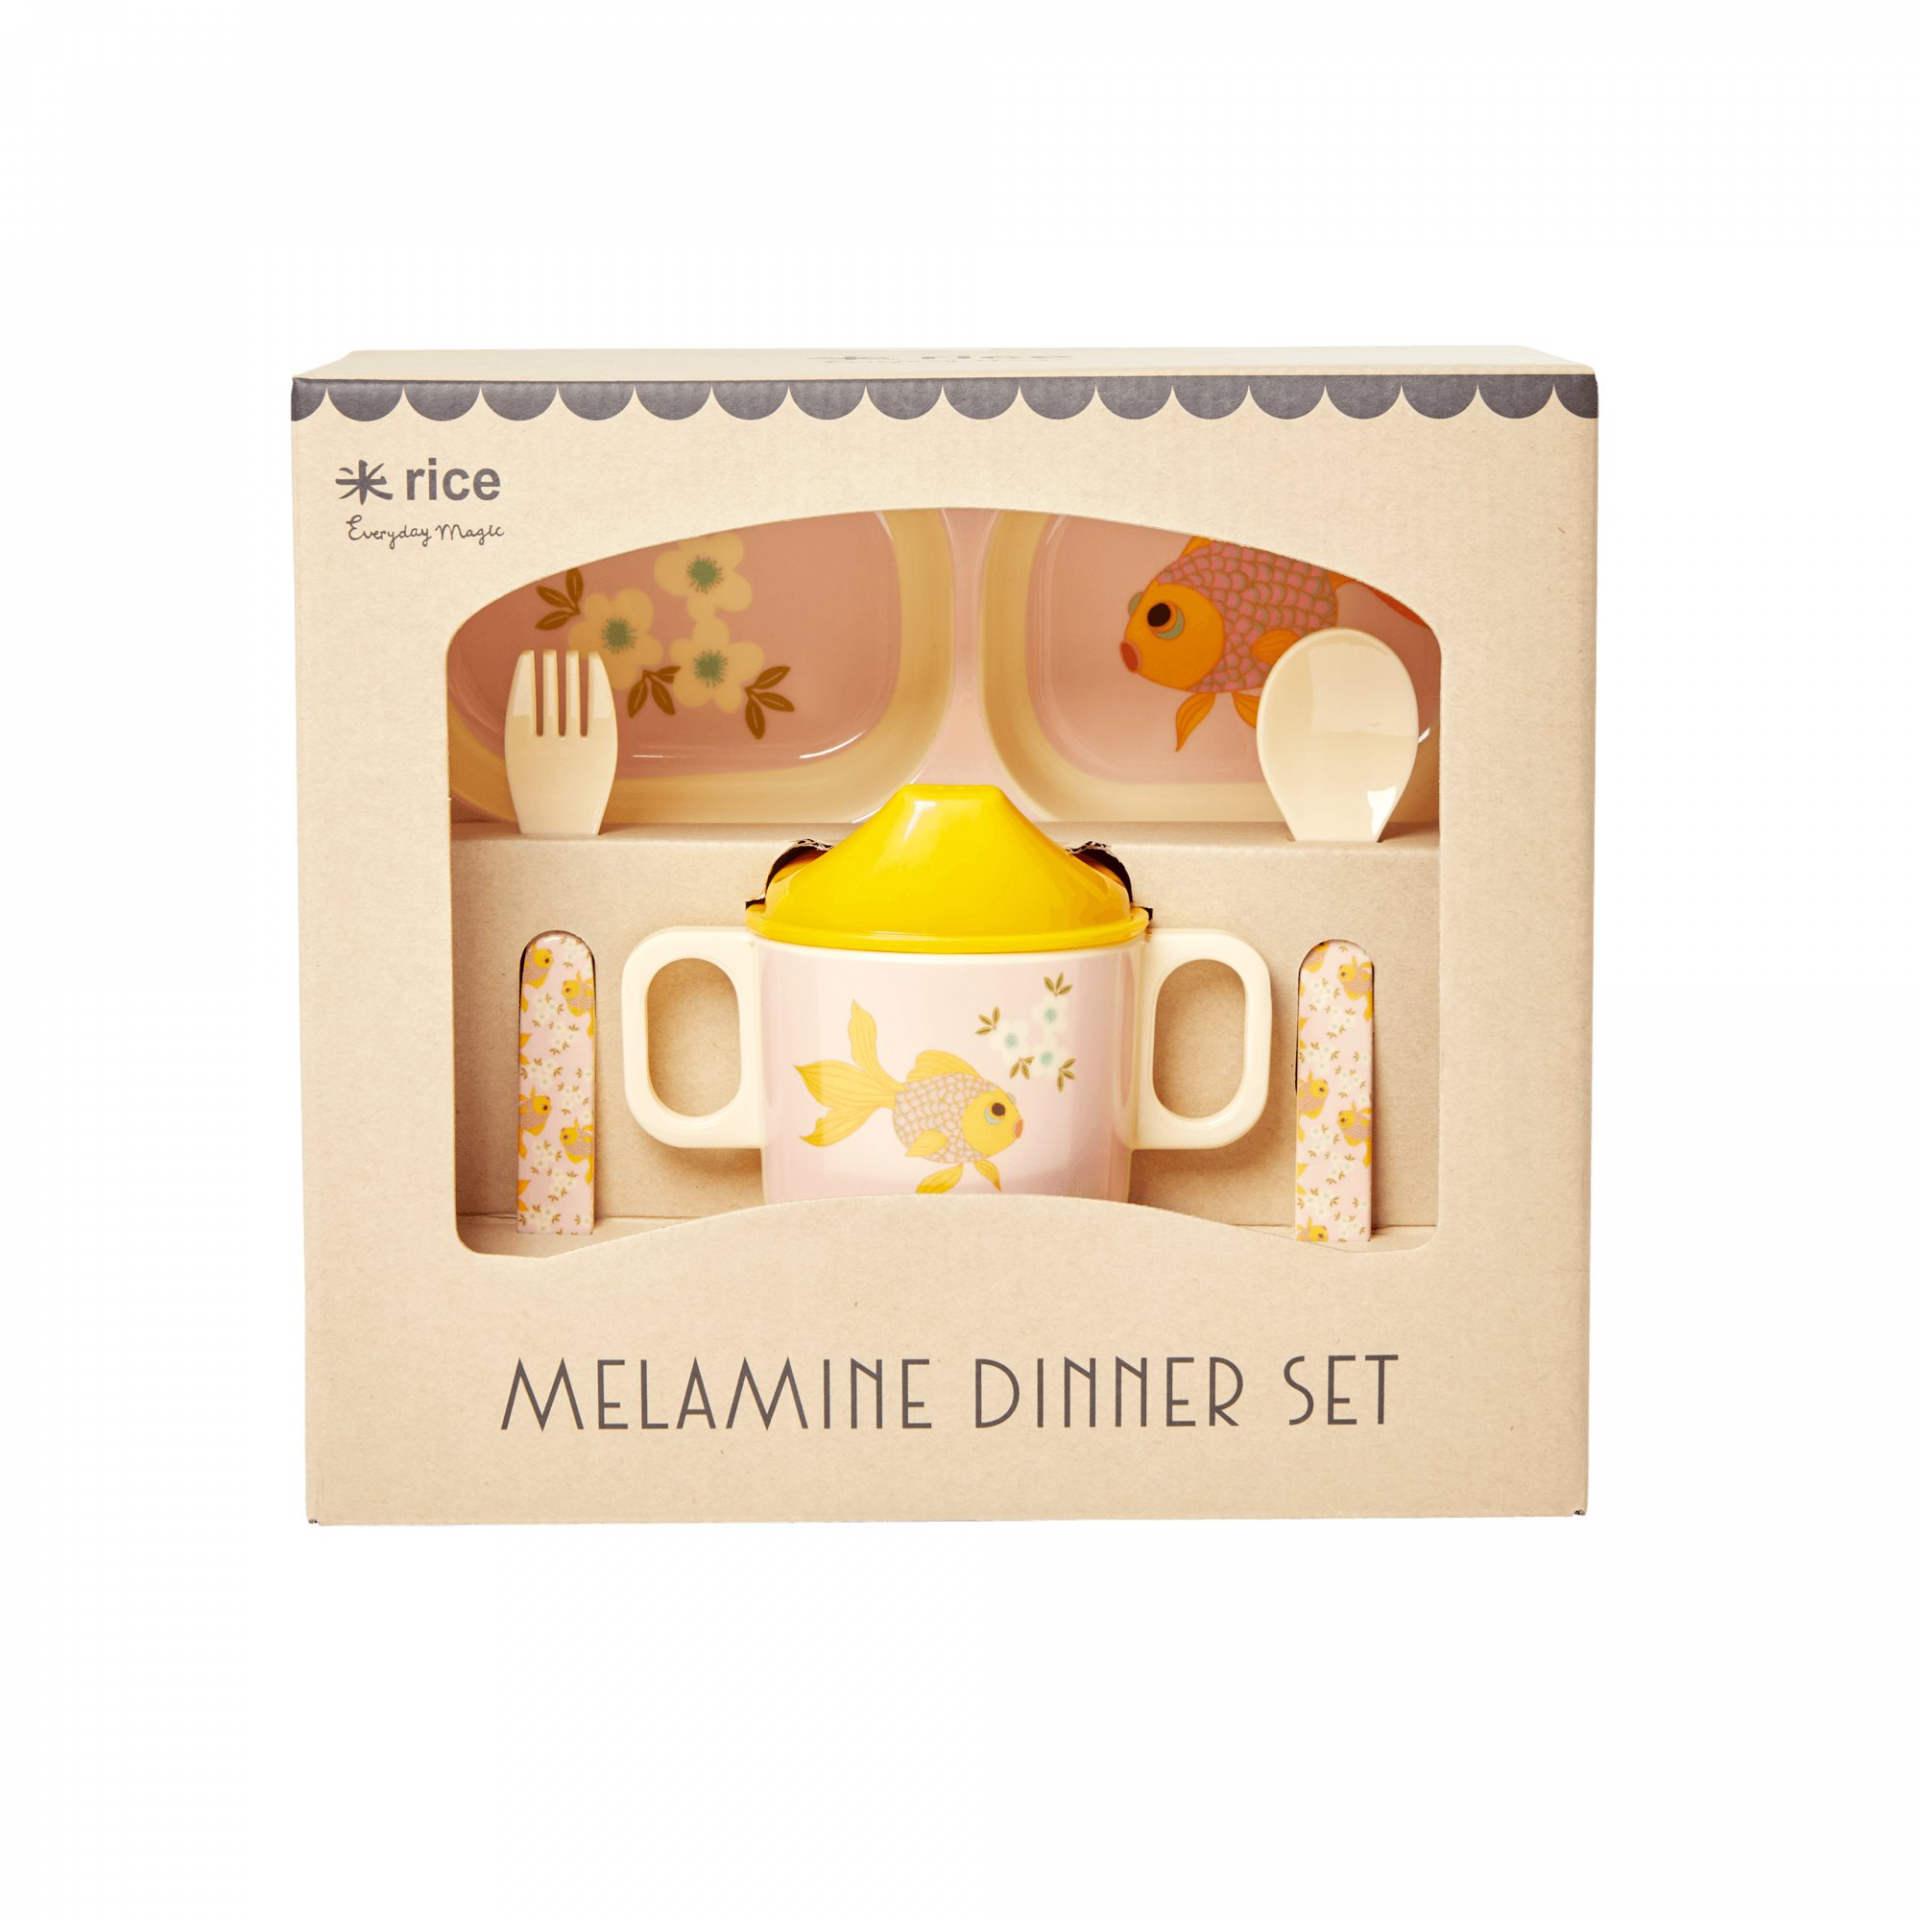 rice Set melaminového nádobí pro děti Goldfish Print, žlutá barva, melamin